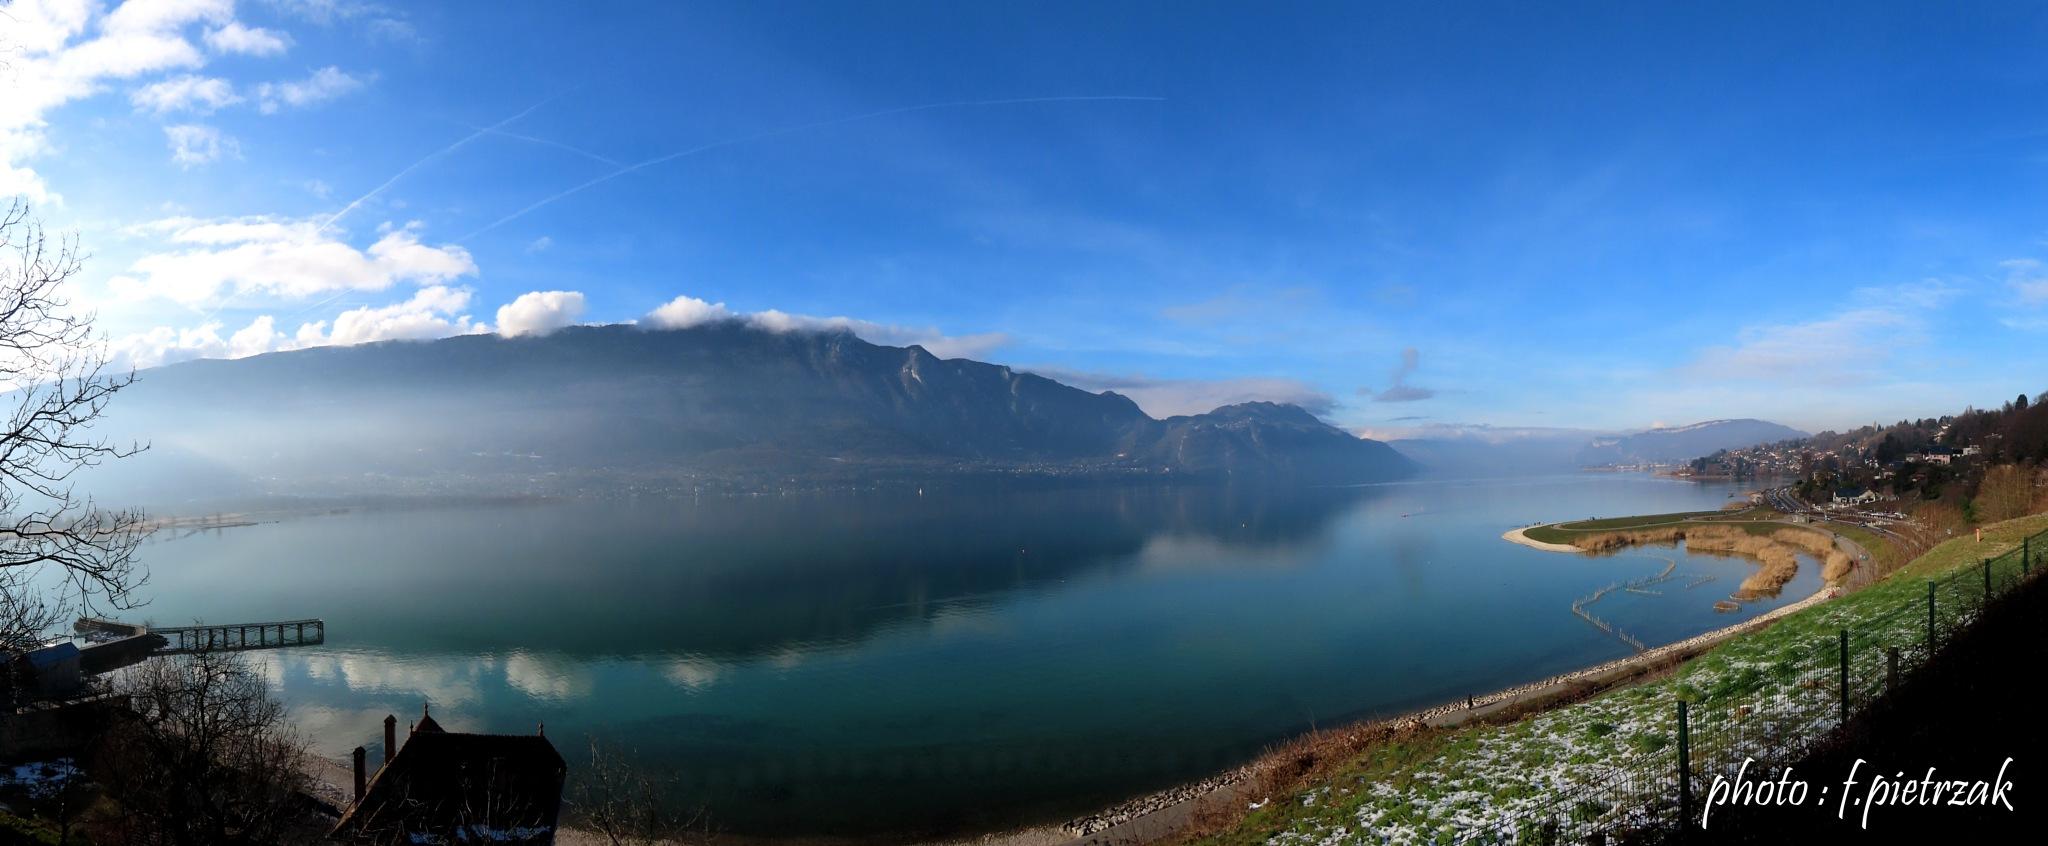 Magnifique lac by François PIETRZAK